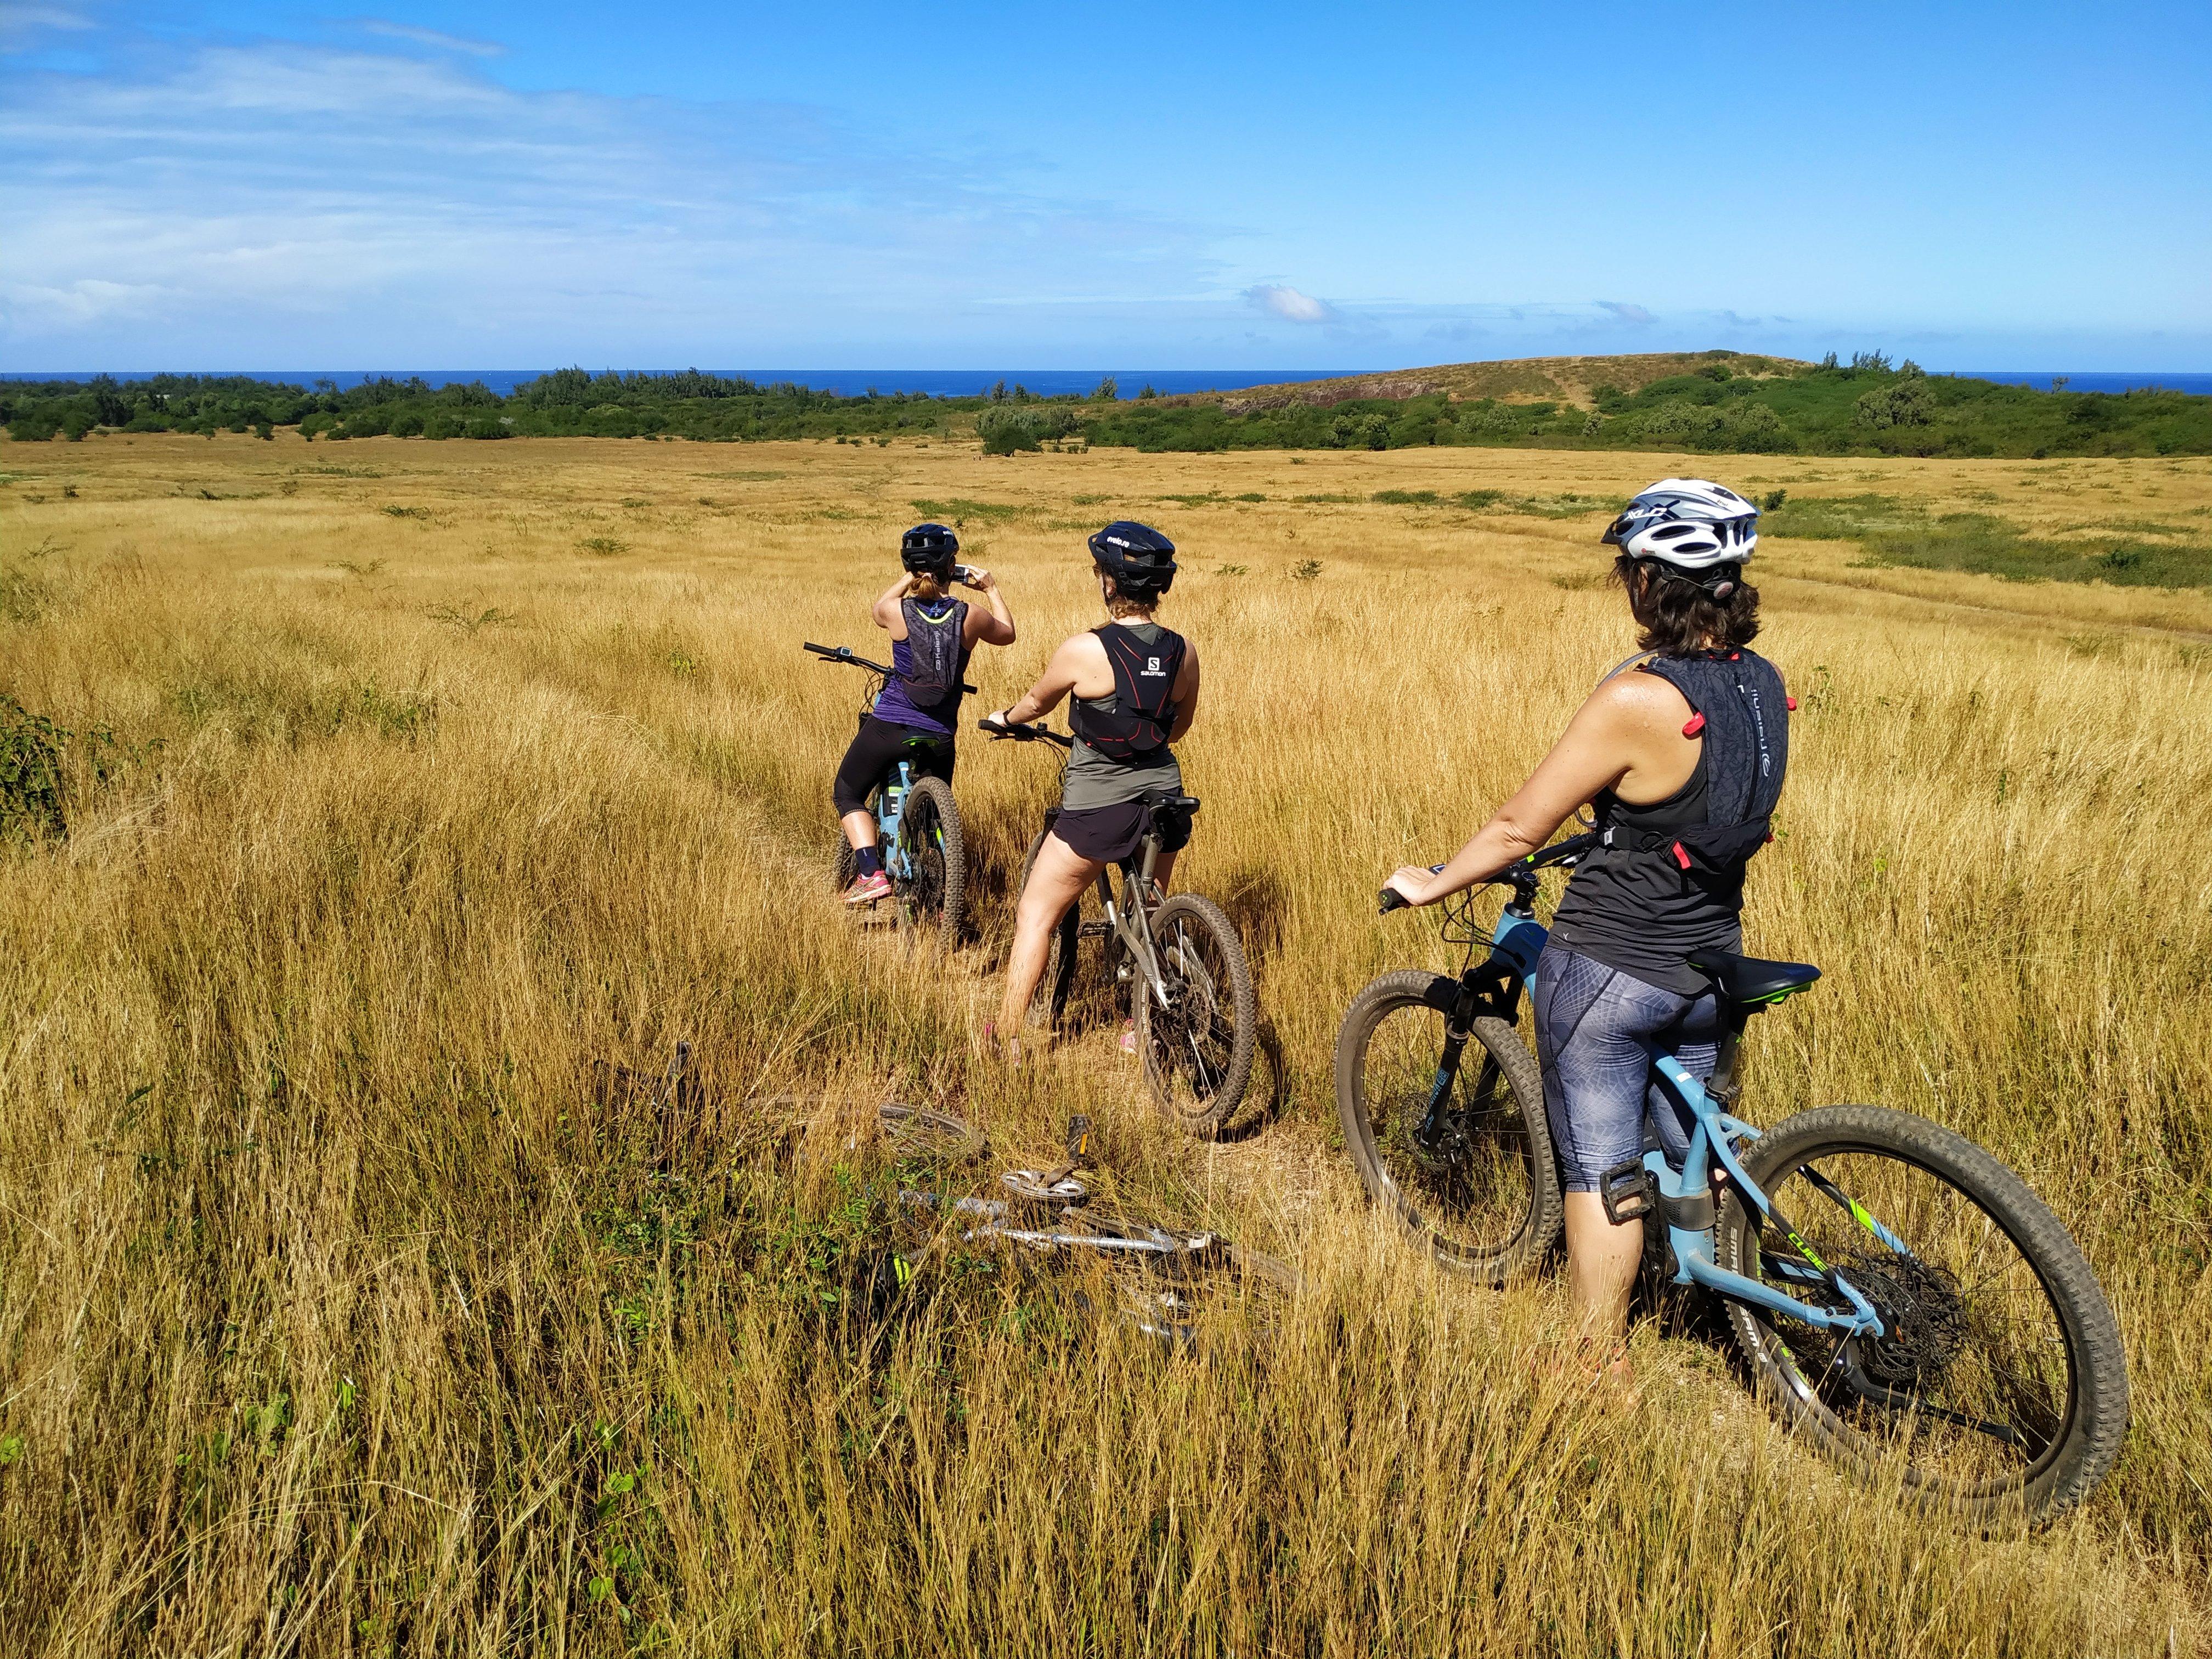 ride en vélo tout terrain dans la savane du cap la houssay à saint gilles avec un guide ayapana